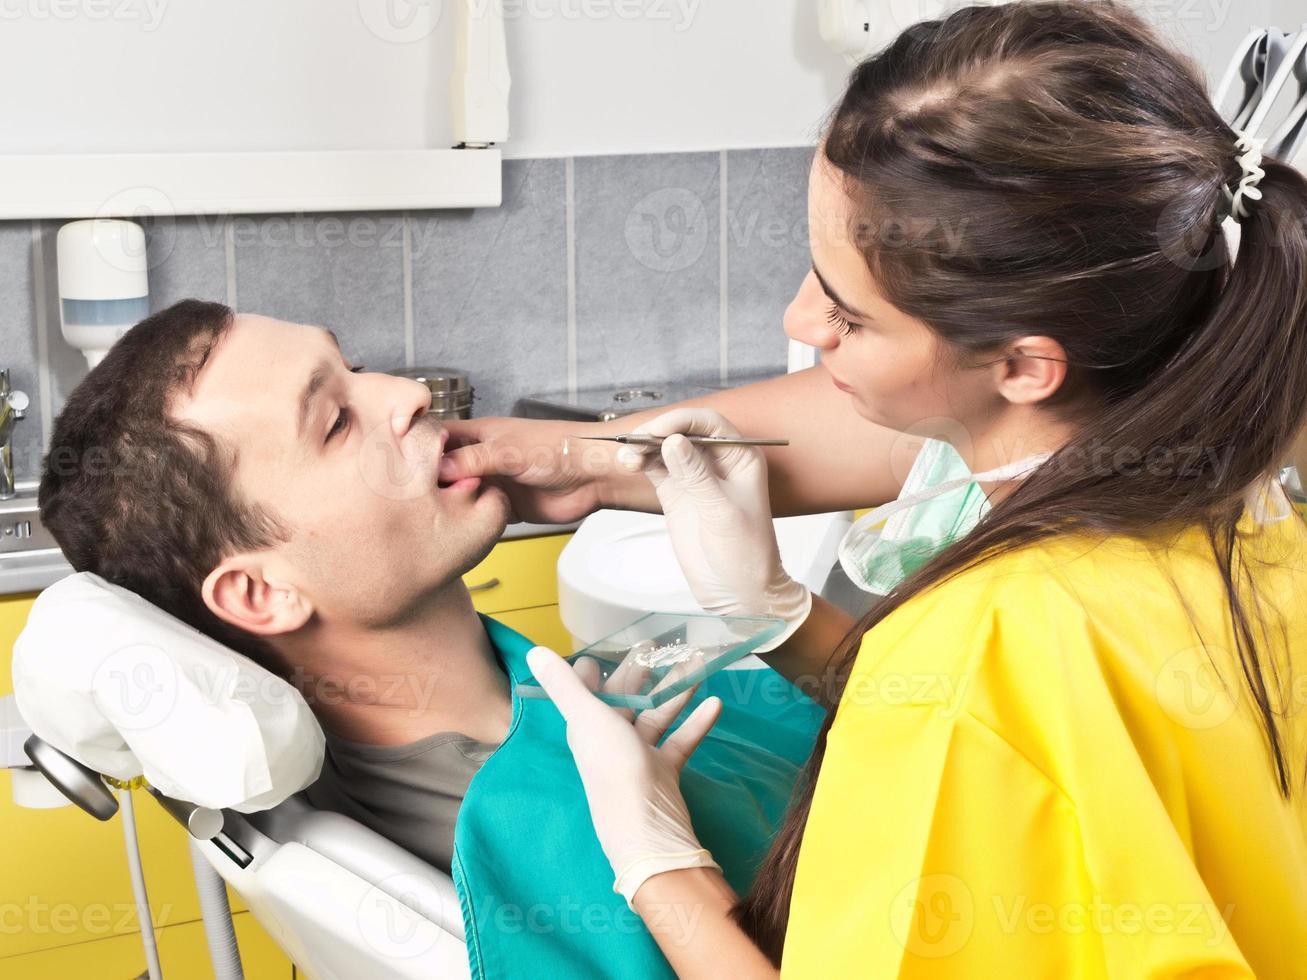 tandläkare kontrollerar patientens tänder foto